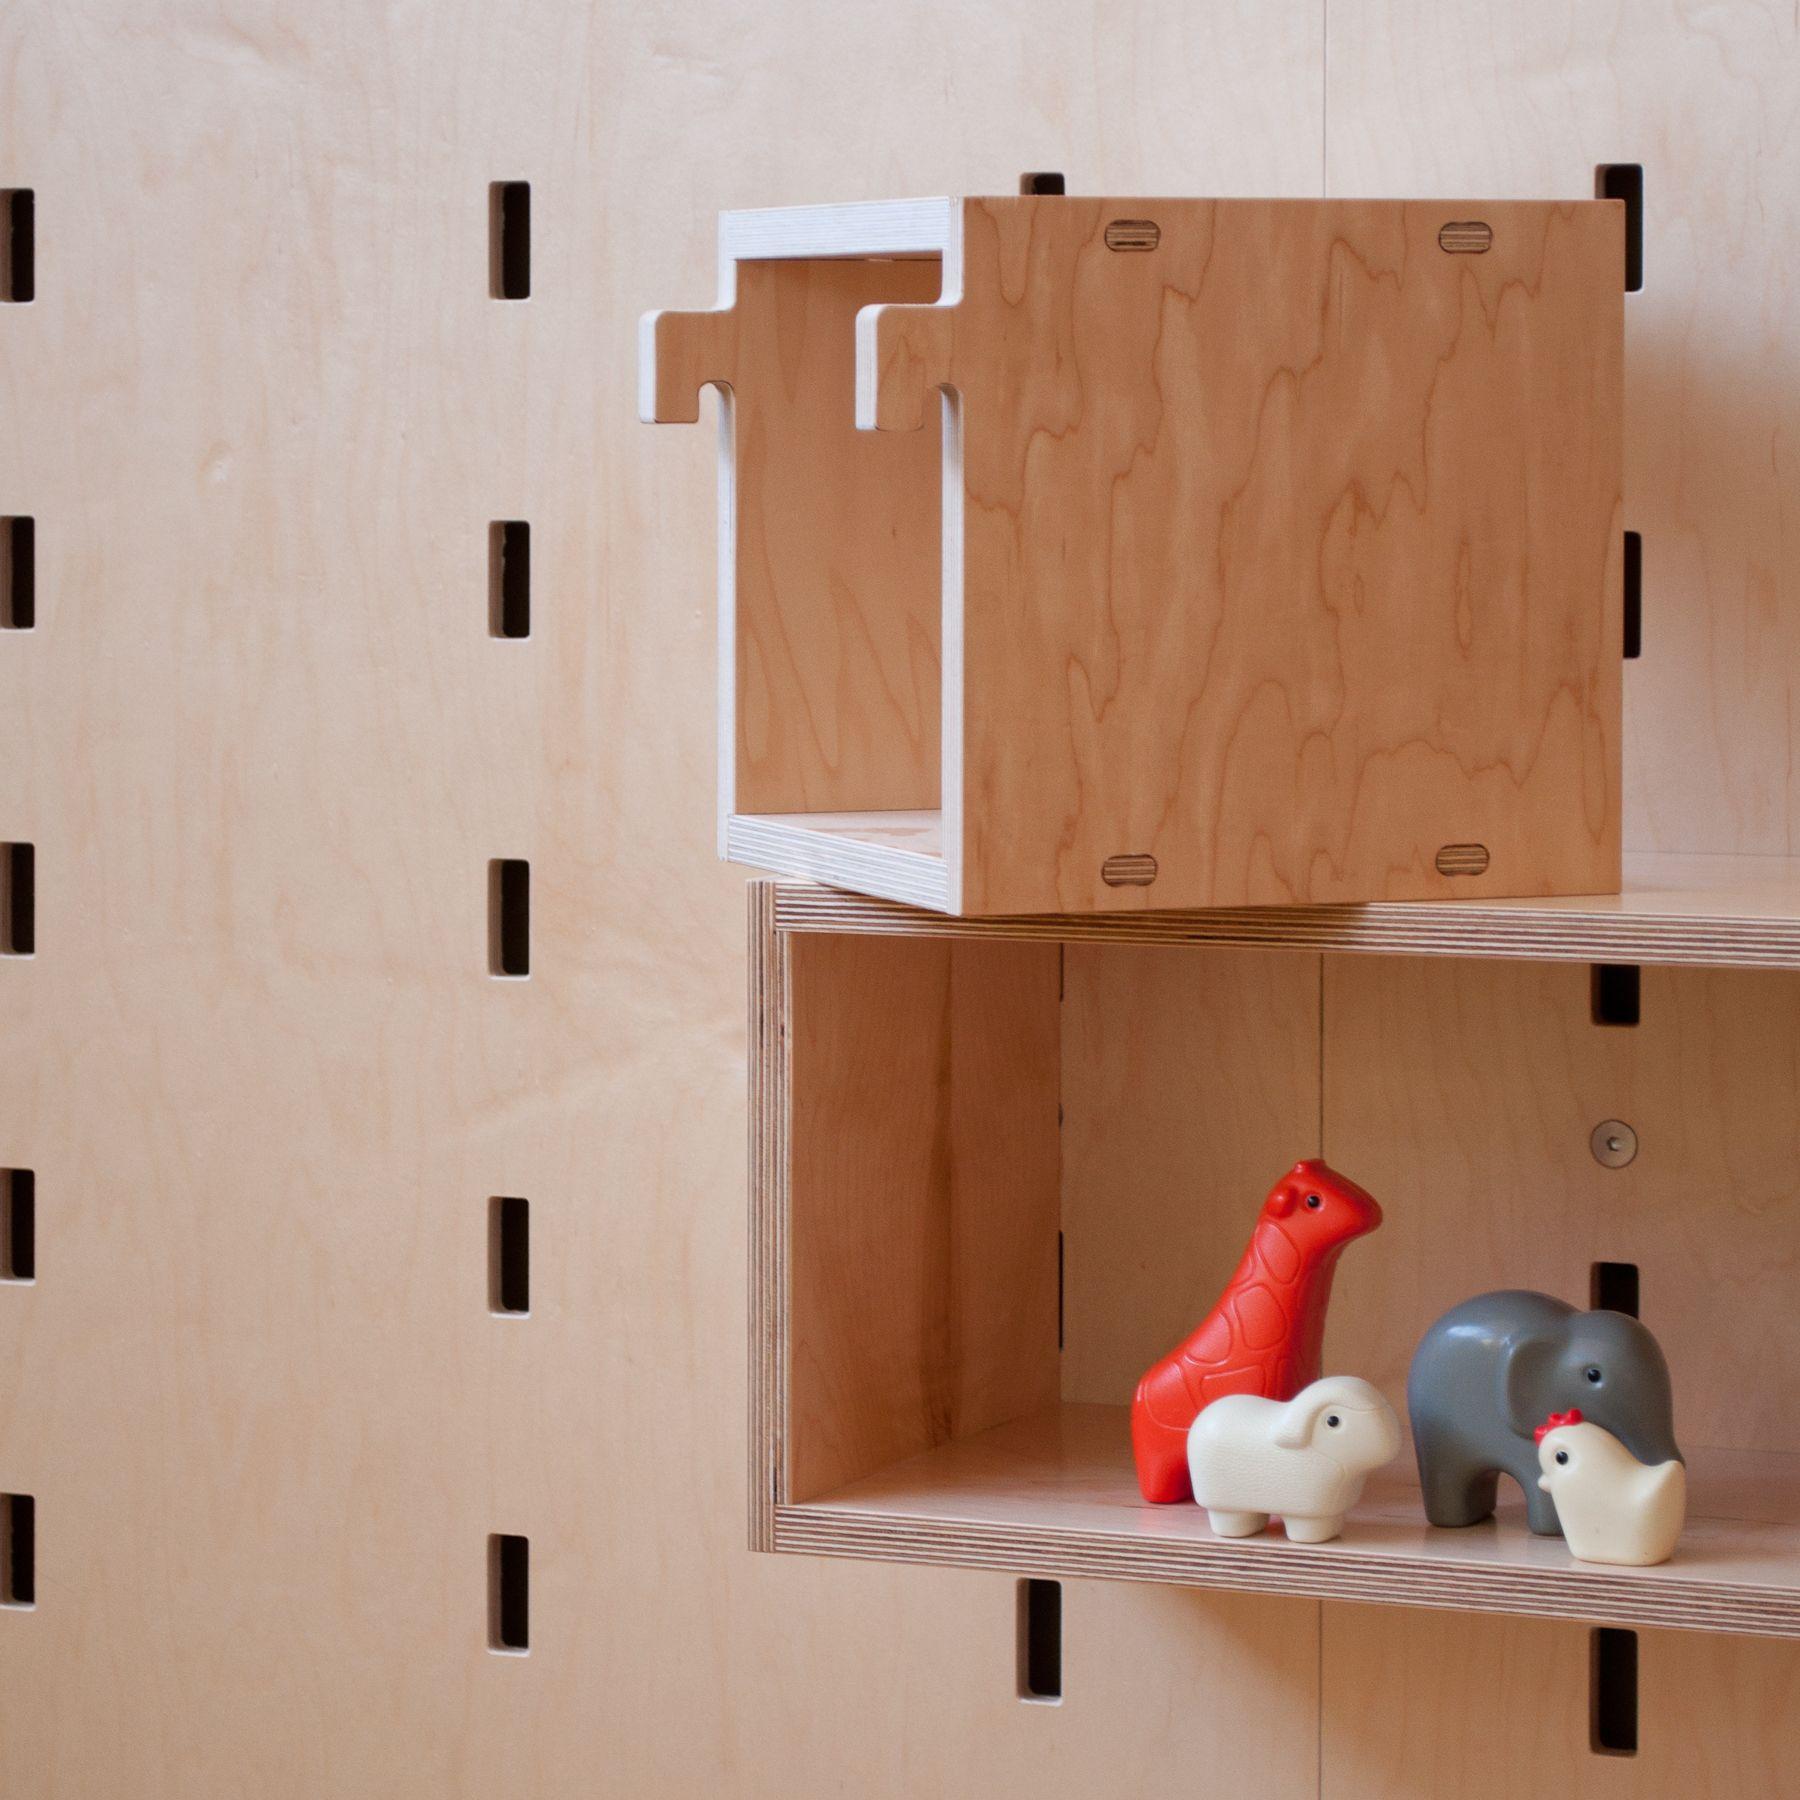 Plywood Garage Cabinet Plans: Furniture, Modular Furniture, Plywood